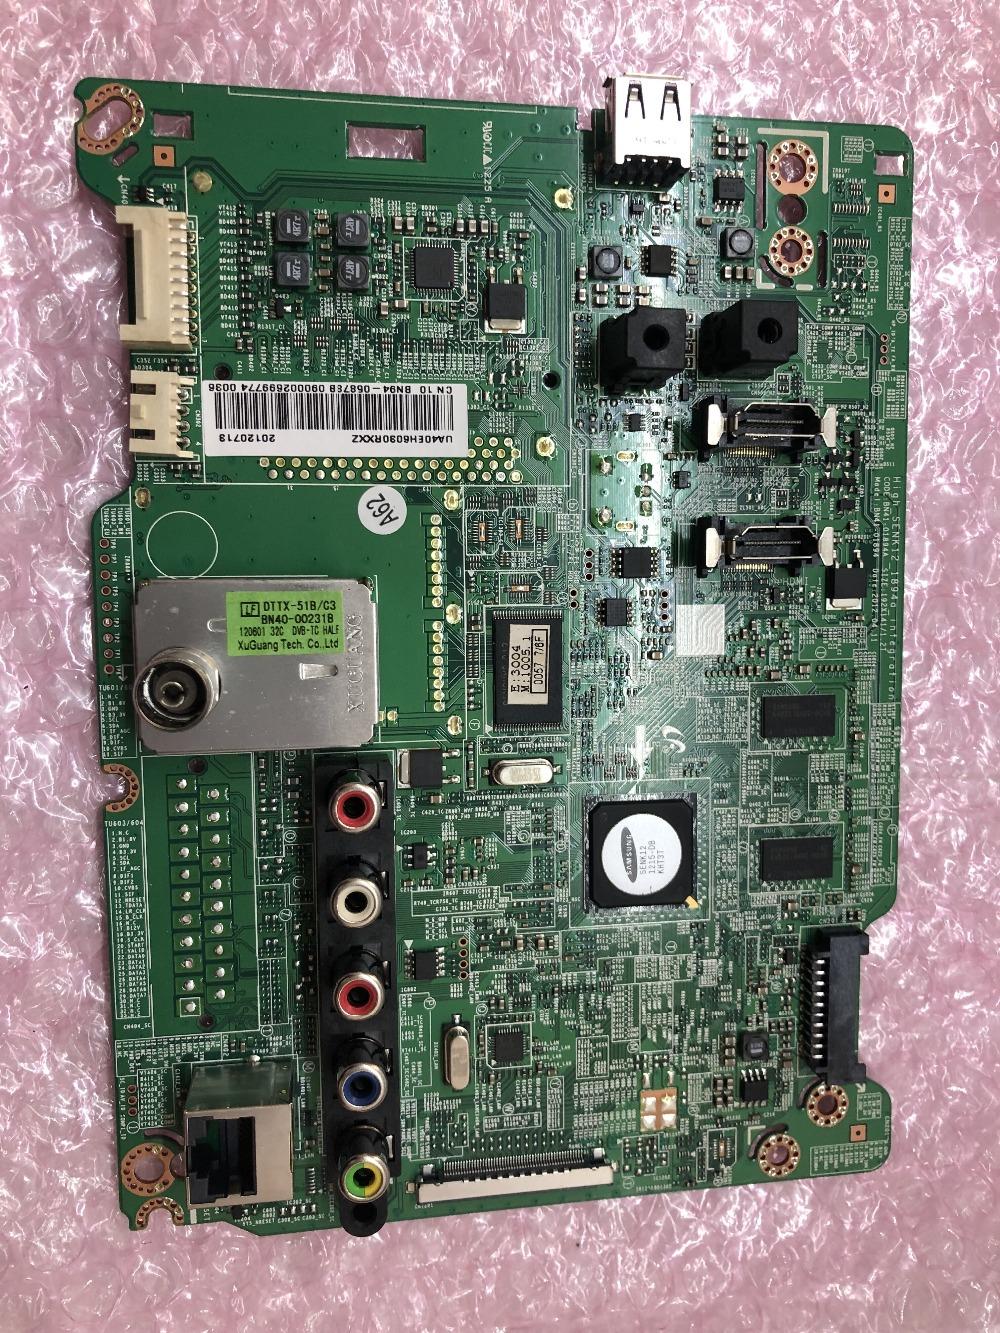 For Sam-sung 40TV UA40EH6030 BN40-00231B BN91-09535C LTJ400HV11-H LTJ400HV11 LTJ320HN07 BN41-01894A